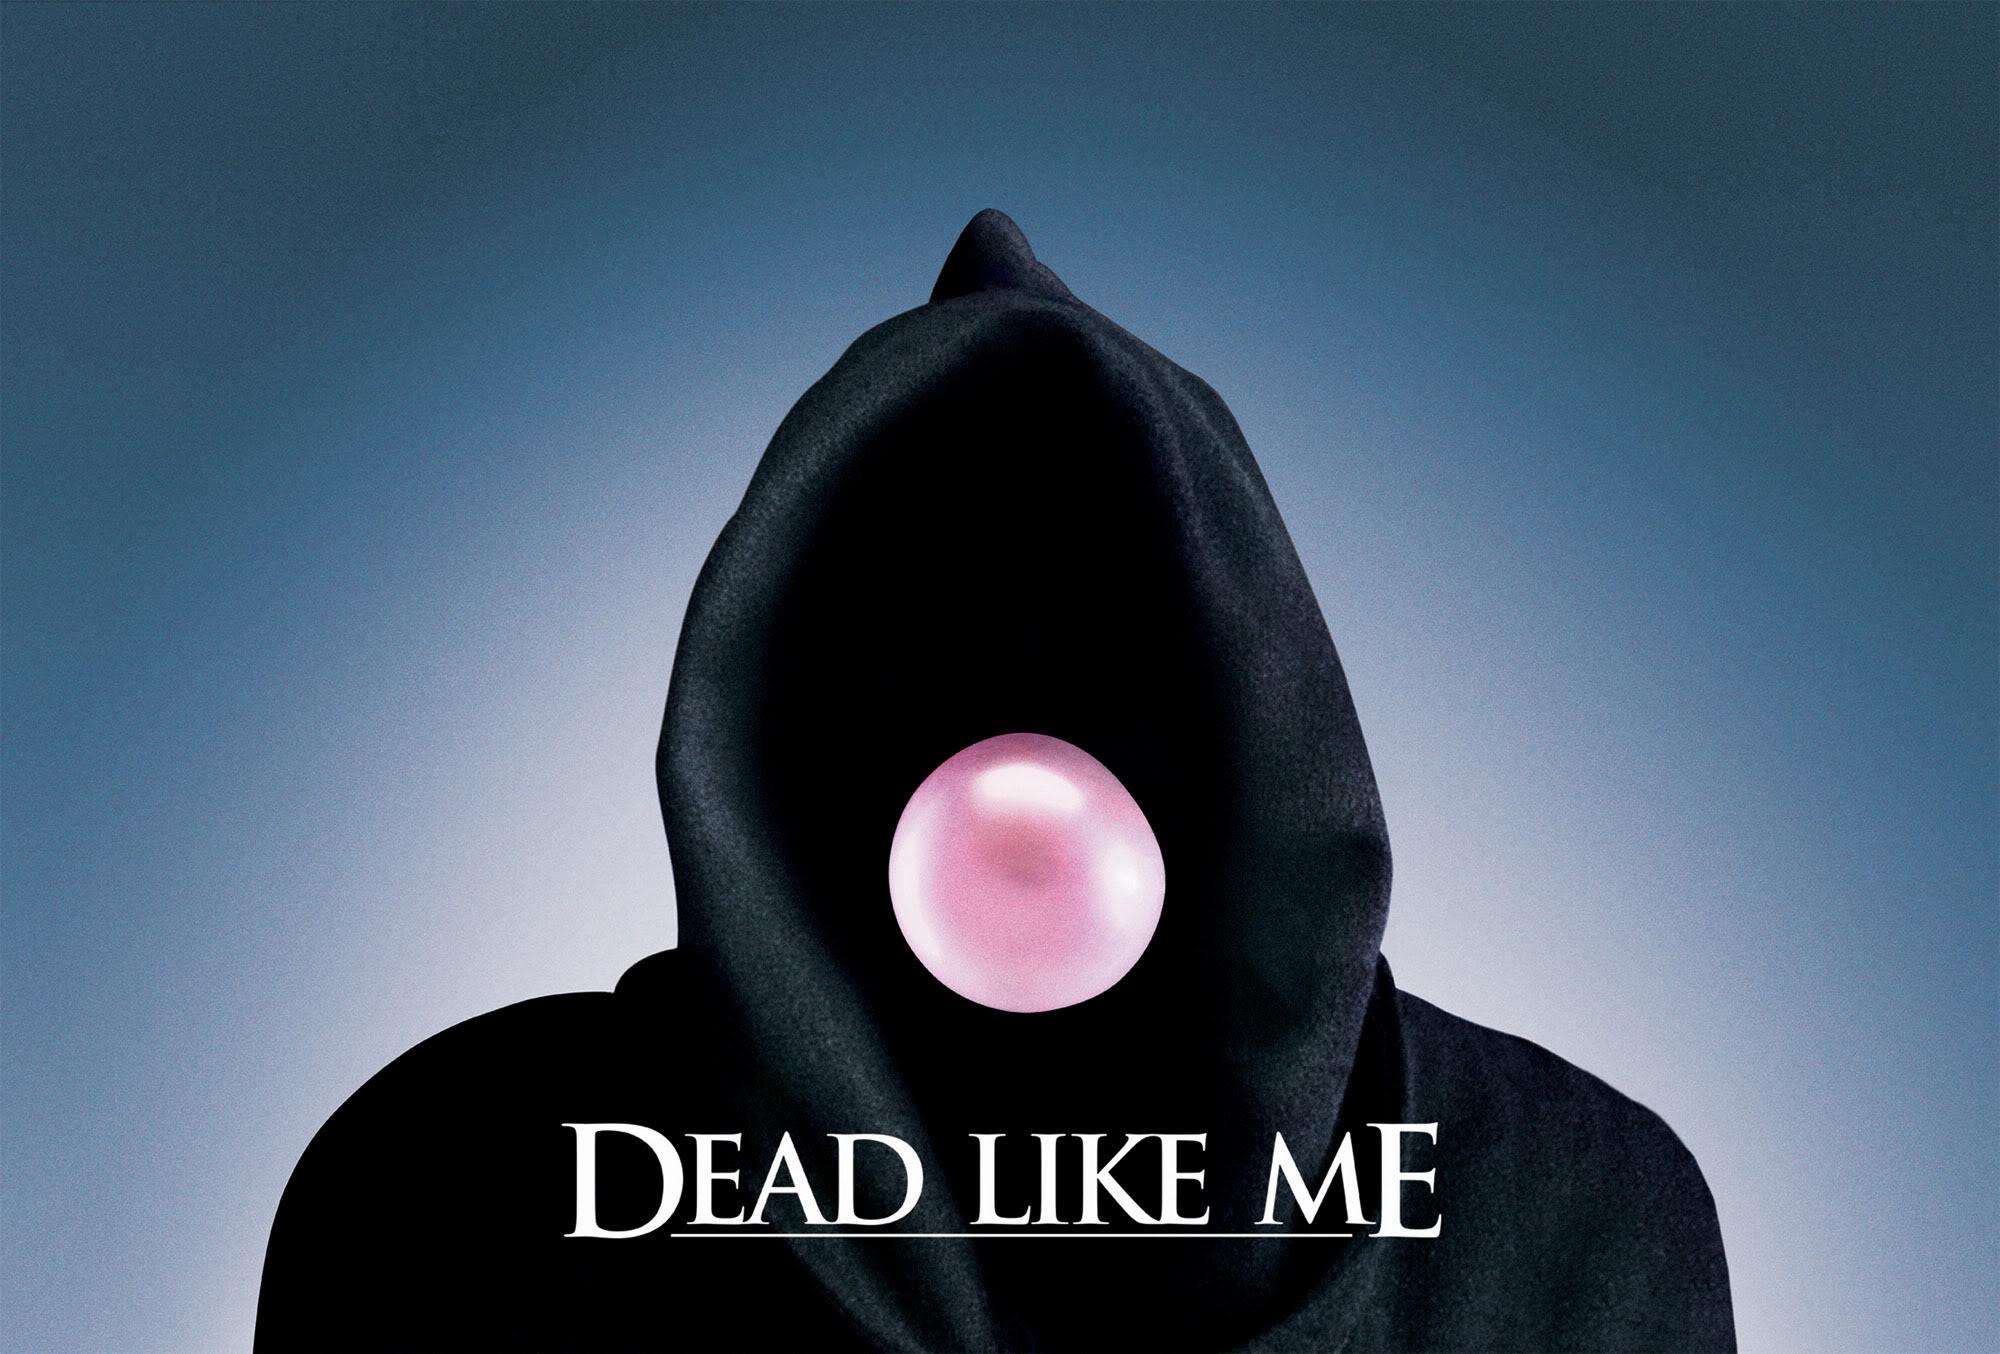 001-dead-like-me-theredlist